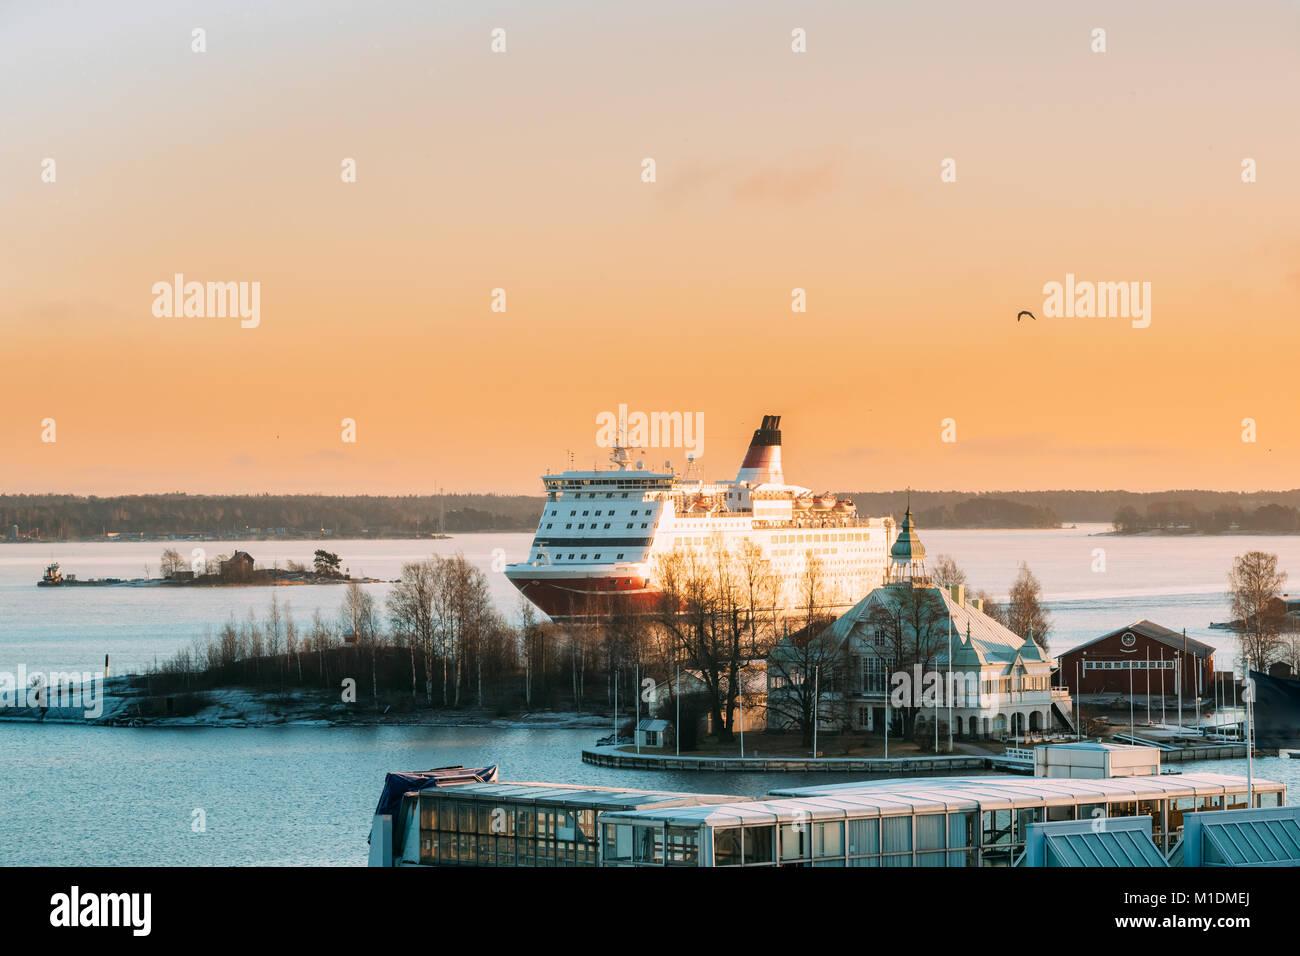 Helsinki, Finnland. Ansicht der modernen Fähre Fähre Segeln in der Nähe von Blekholmen Valkosaari Insel auf dem Hintergrund der Sonnenuntergang Sonnenaufgang Himmel. Stockfoto